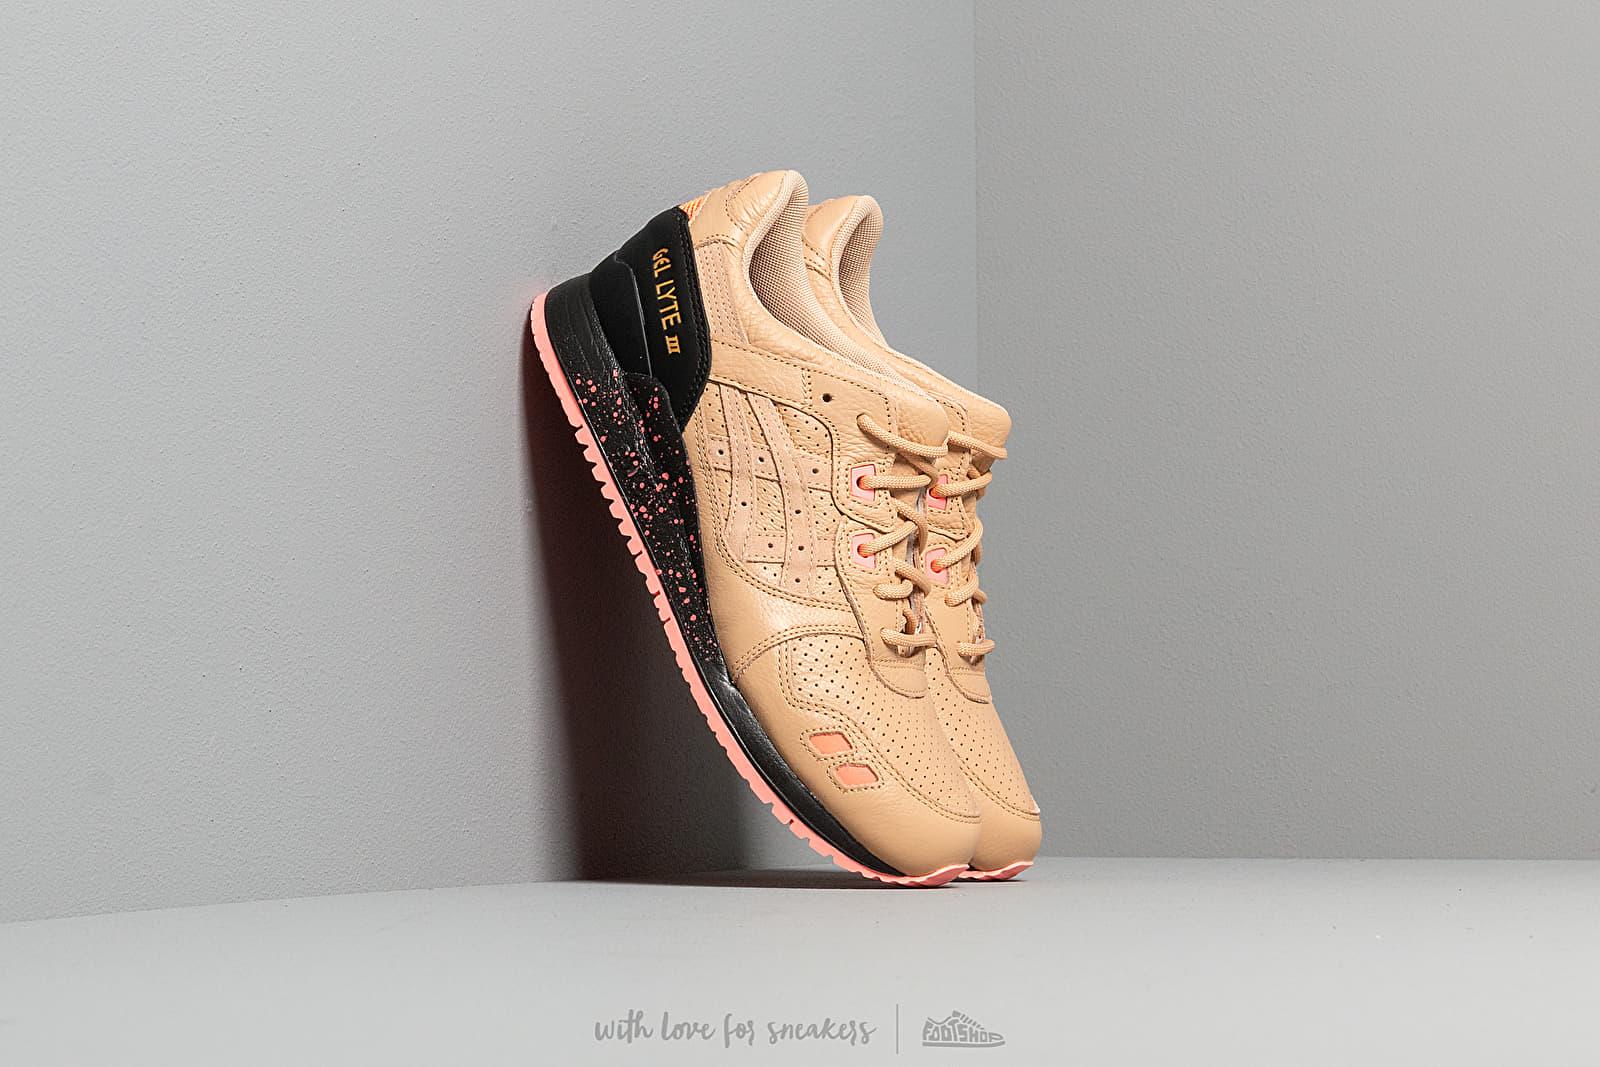 asics x Sneaker Freaker Gel-Lyte III